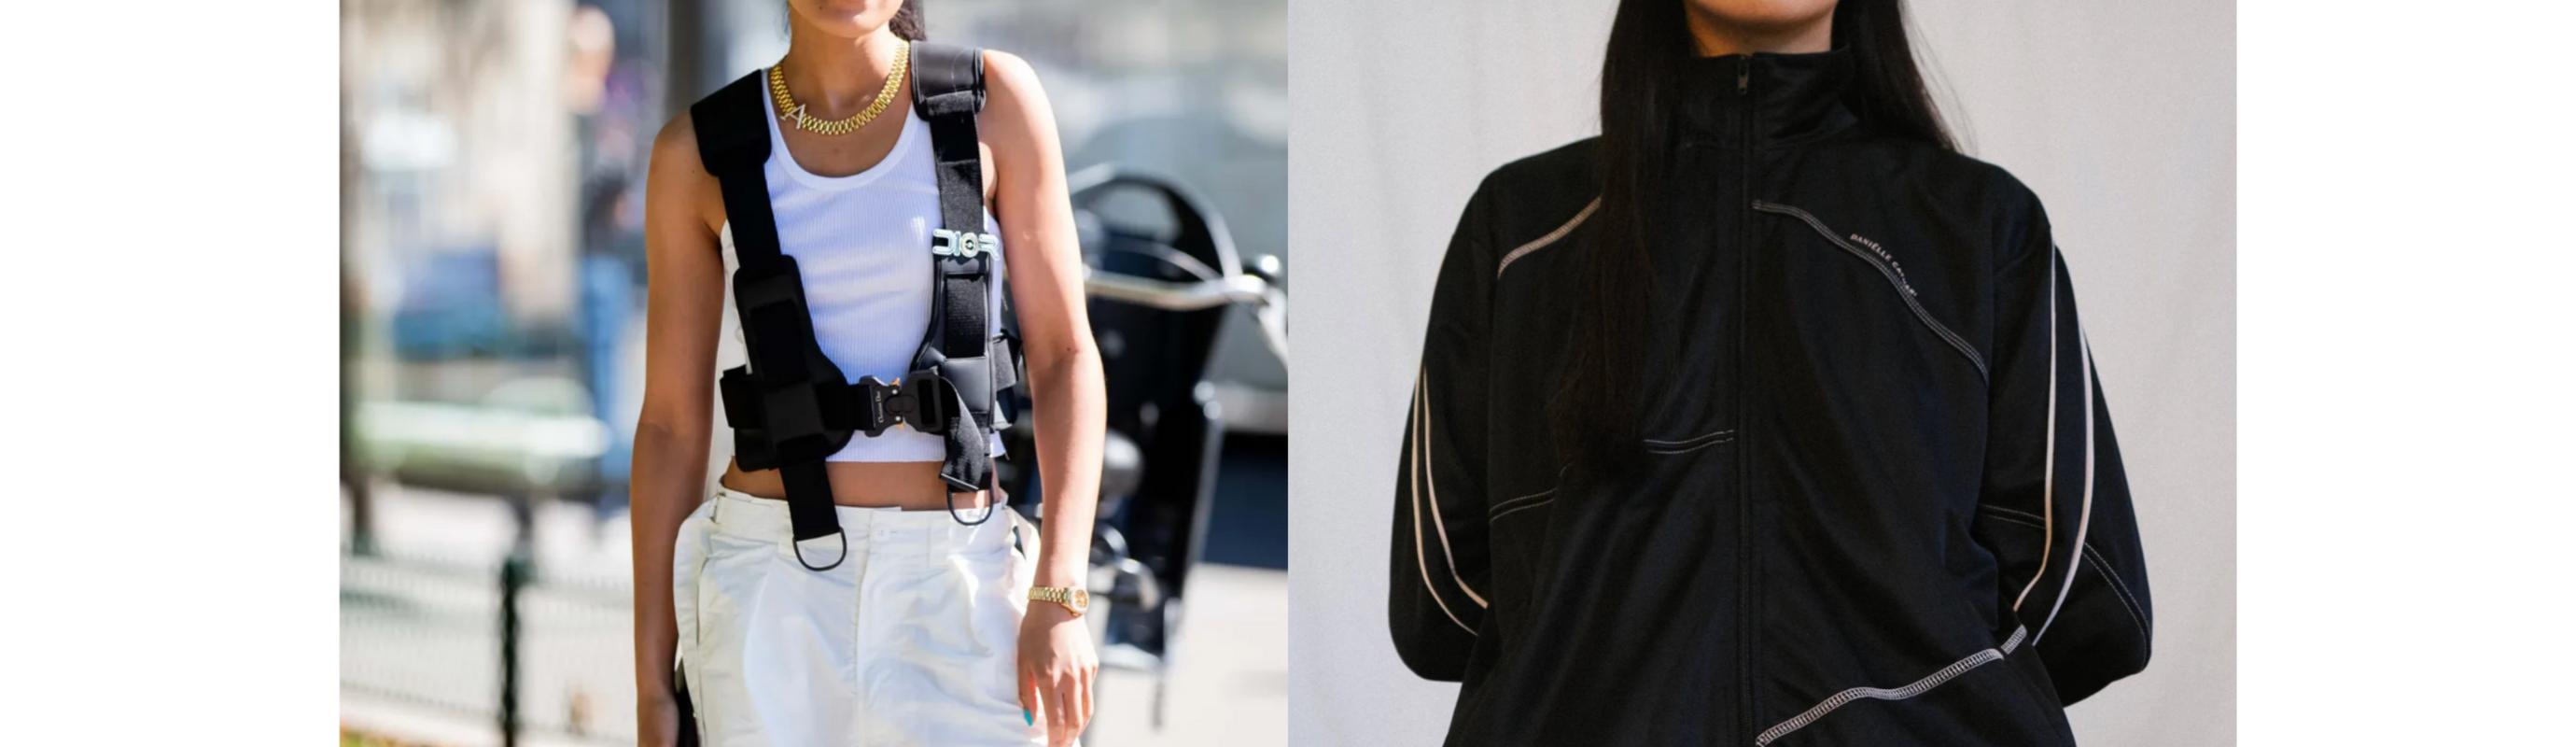 Is streetwear finally ready for women?